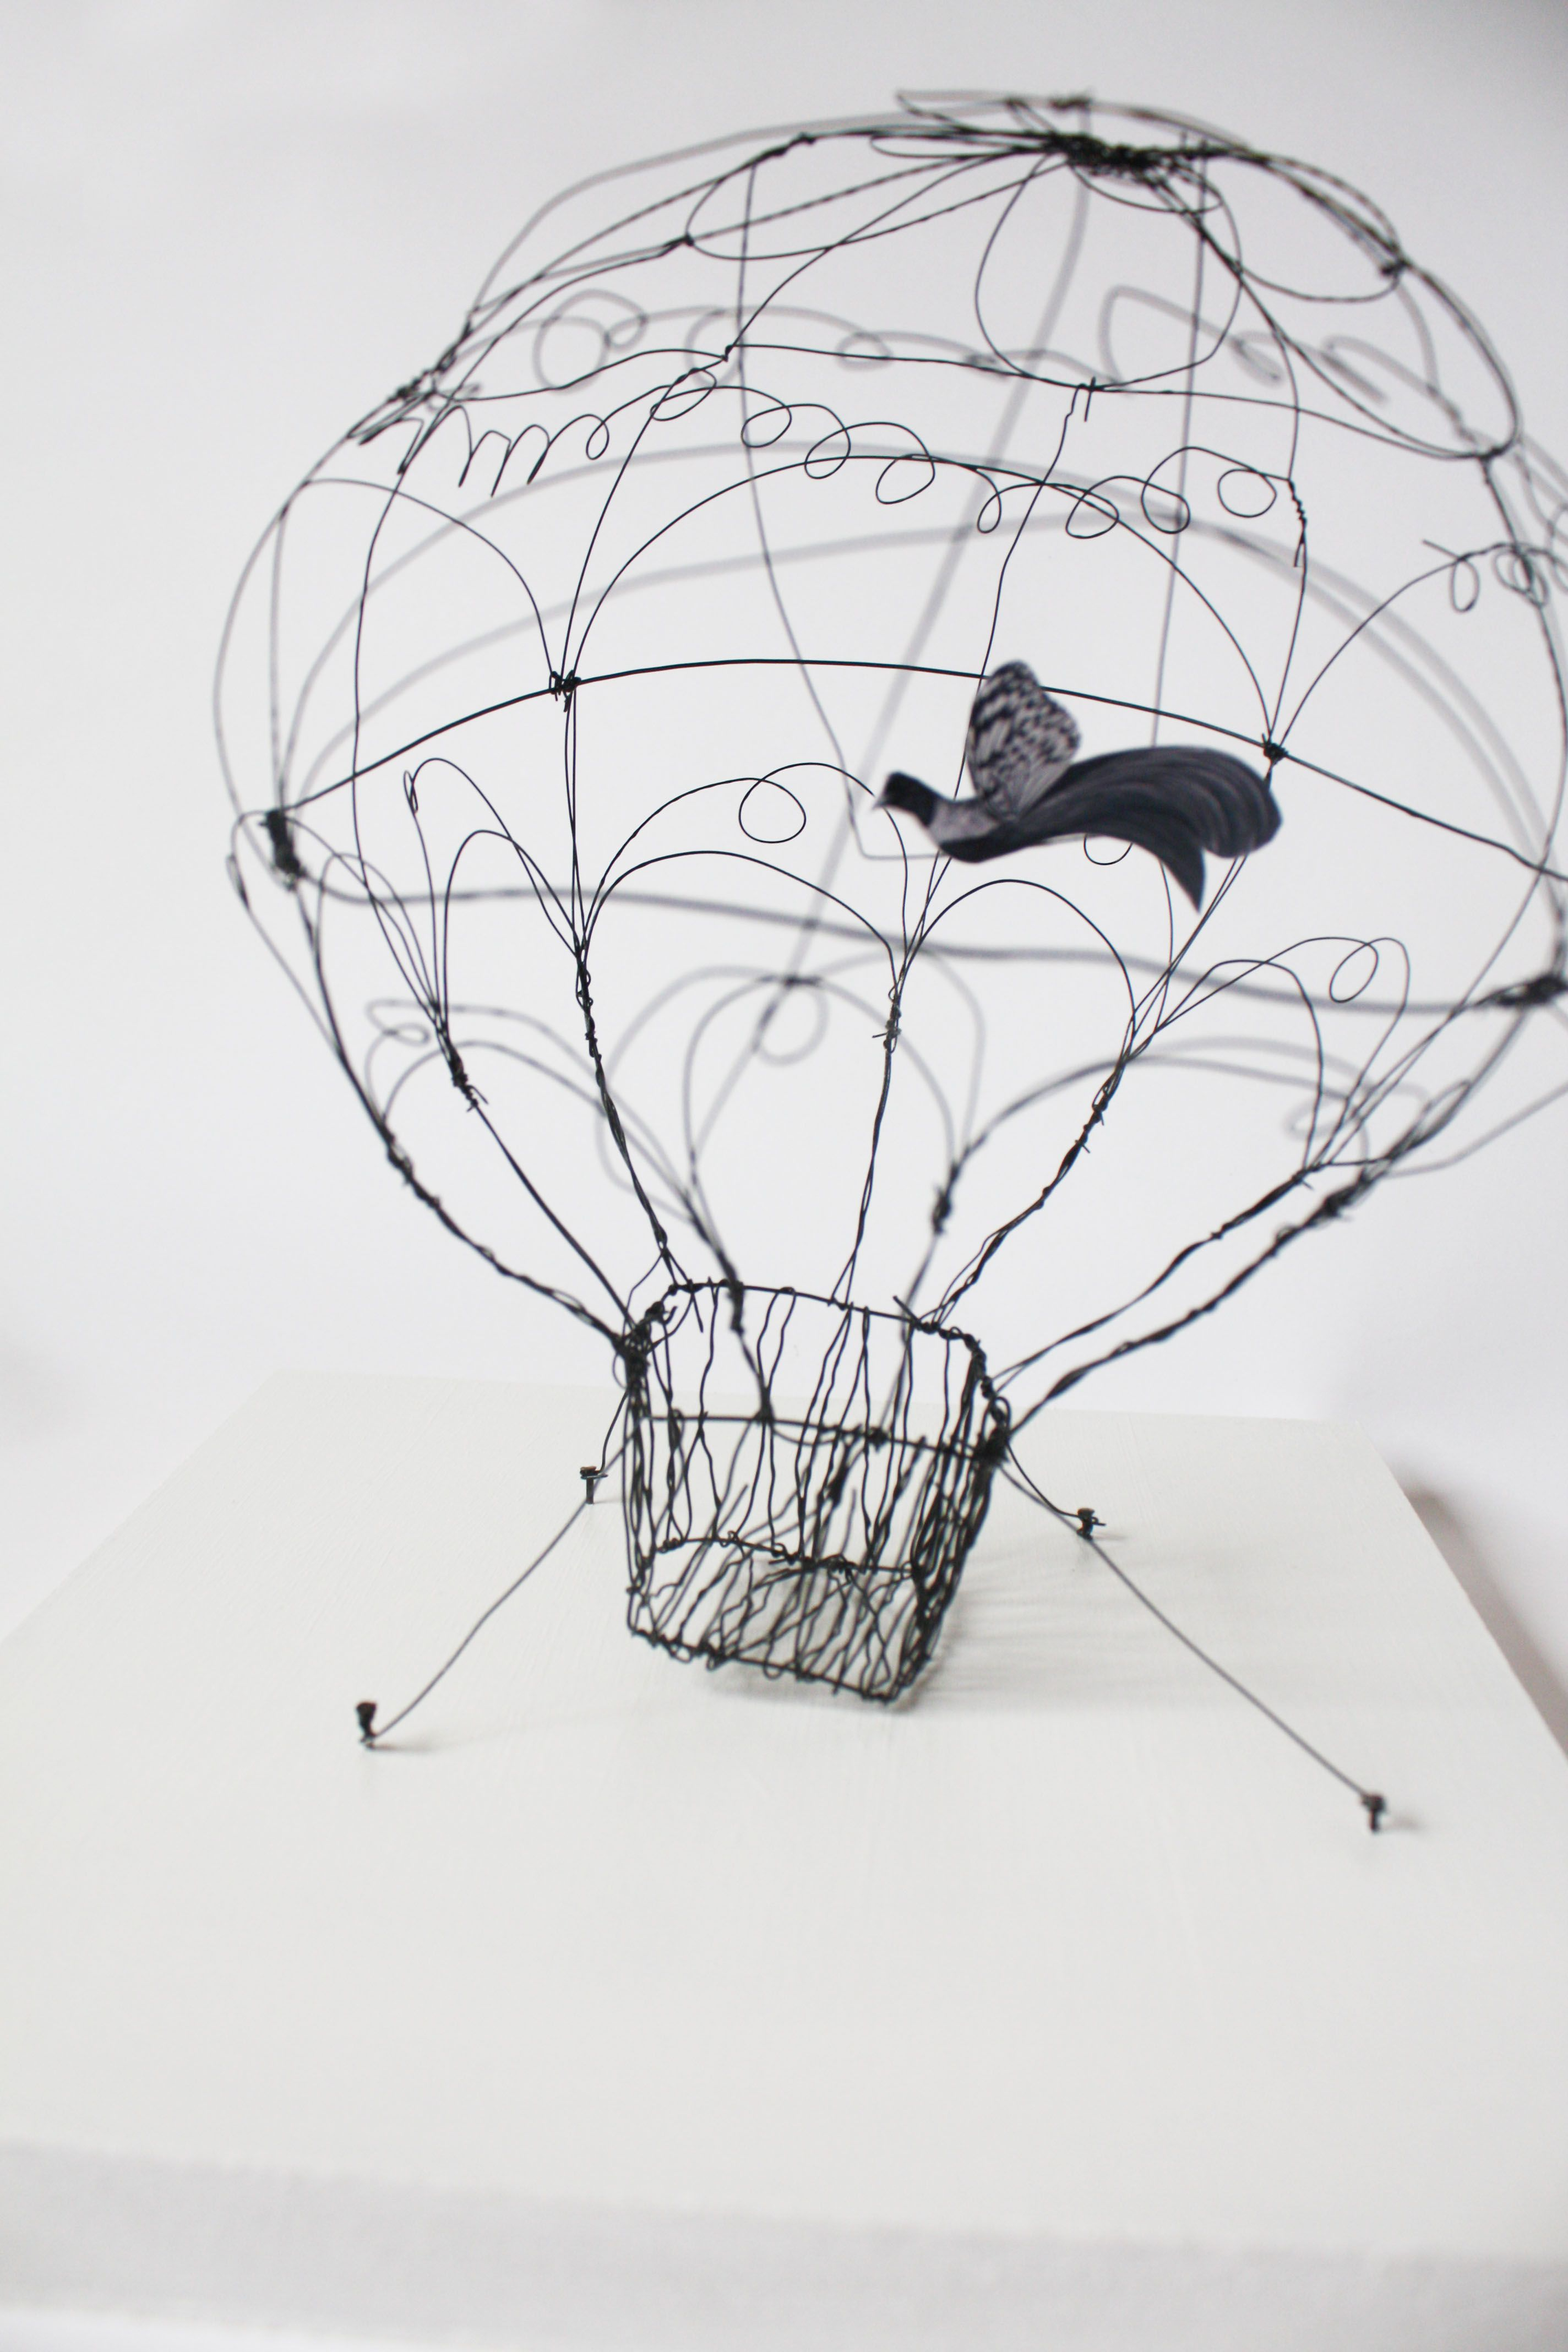 Sculpture fil de fer | wire art | Pinterest | Draht, Diy holz und Metall